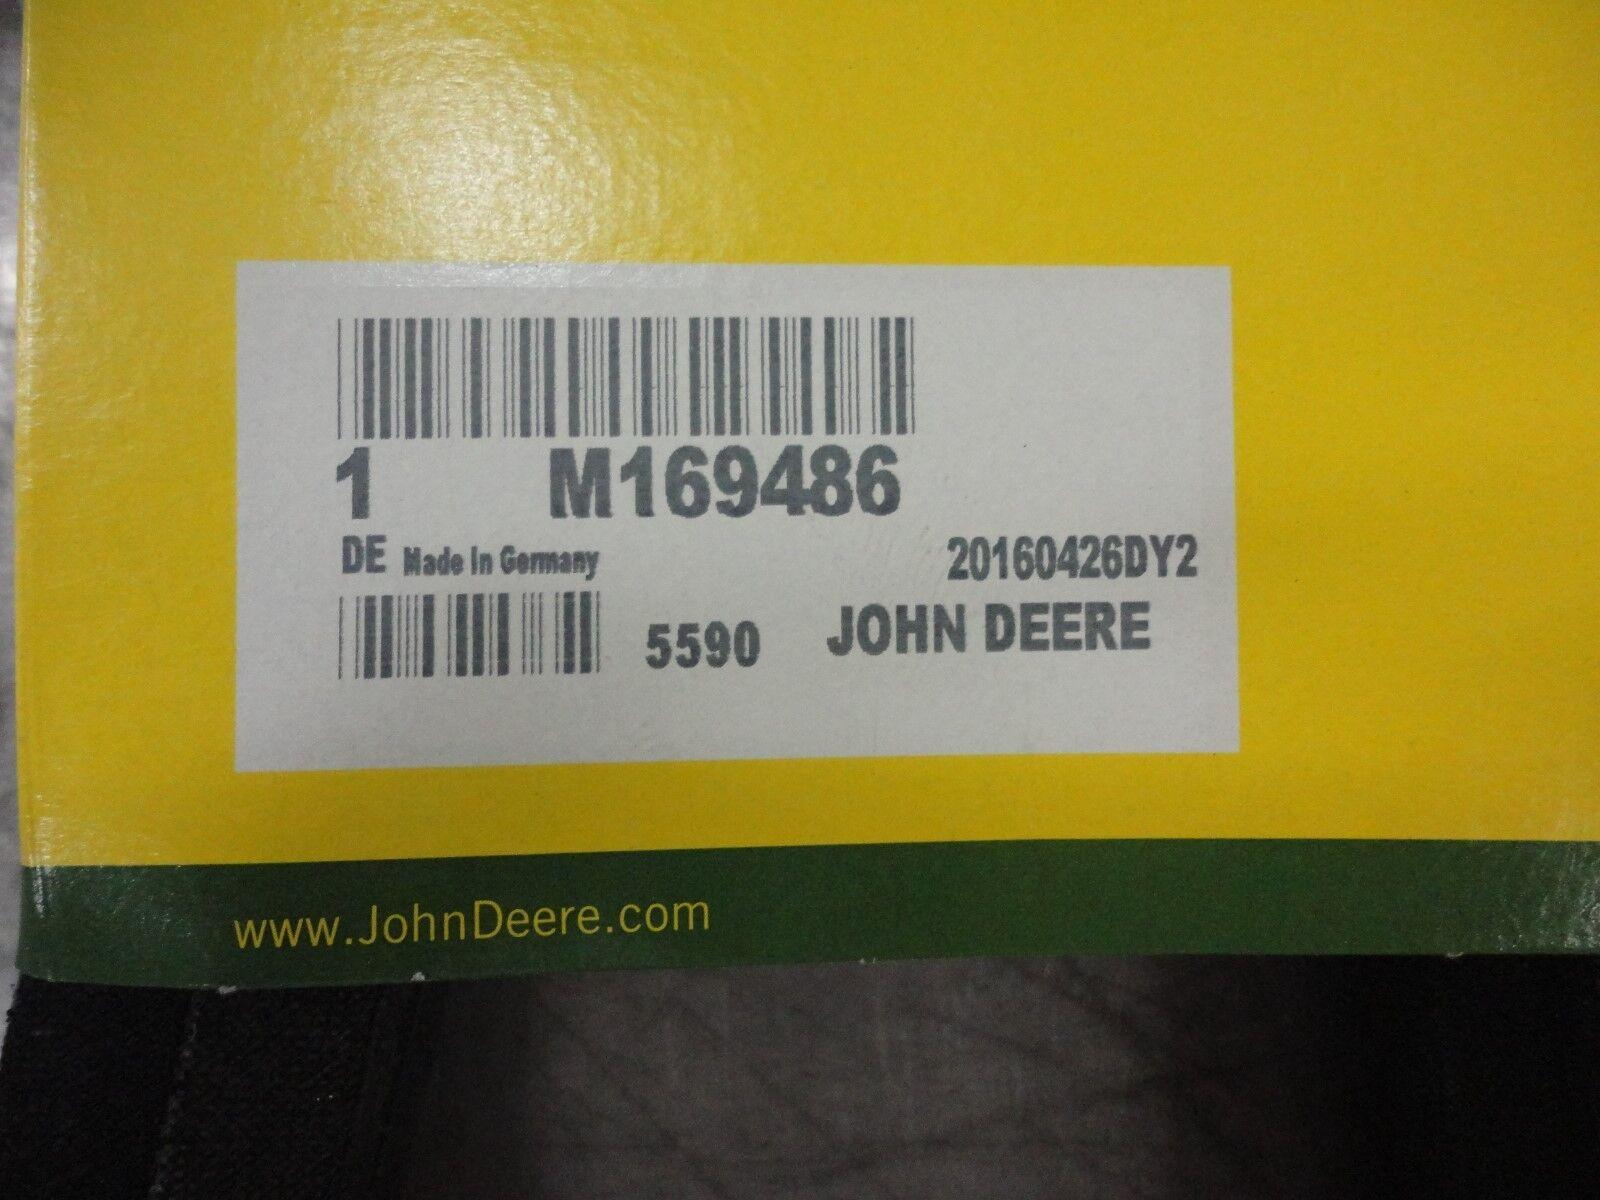 John Deere Original V Belt M169486 Ebay Mower Deck Diagram In Addition Norton Secured Powered By Verisign